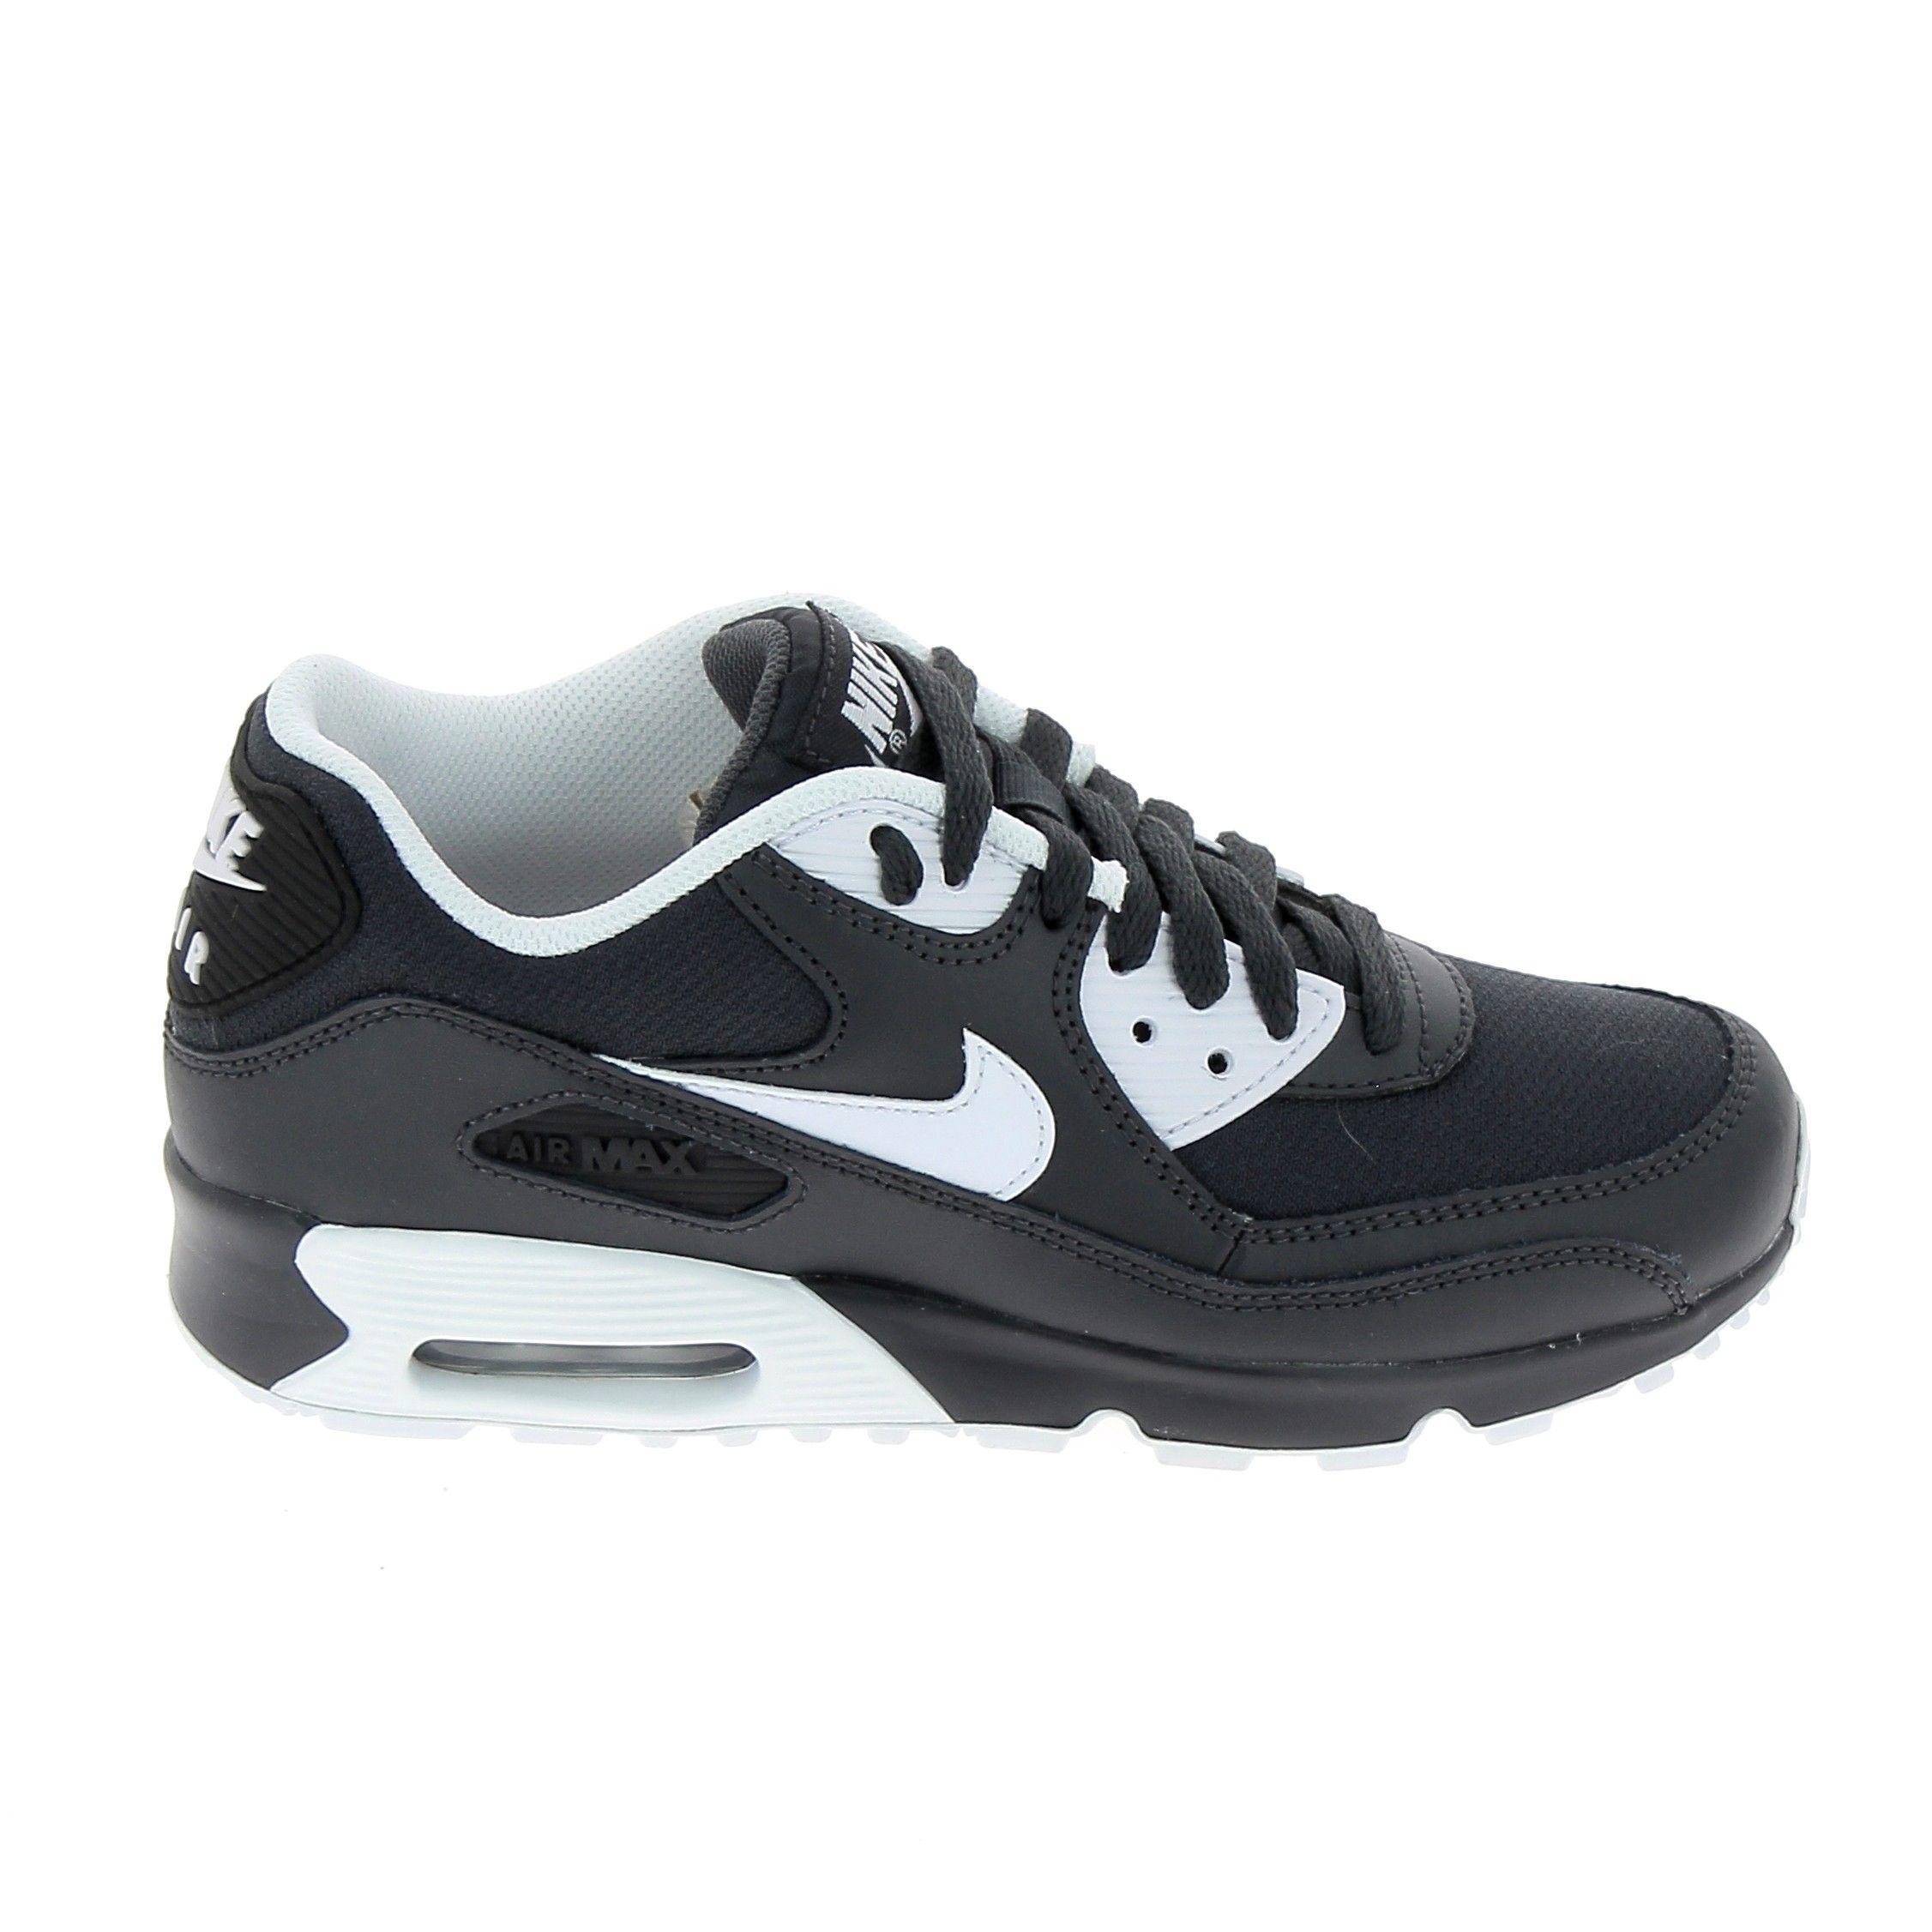 NIKE Air Max 90 Mesh Jr Noir Gris | Nike air max, Nouvelle ...